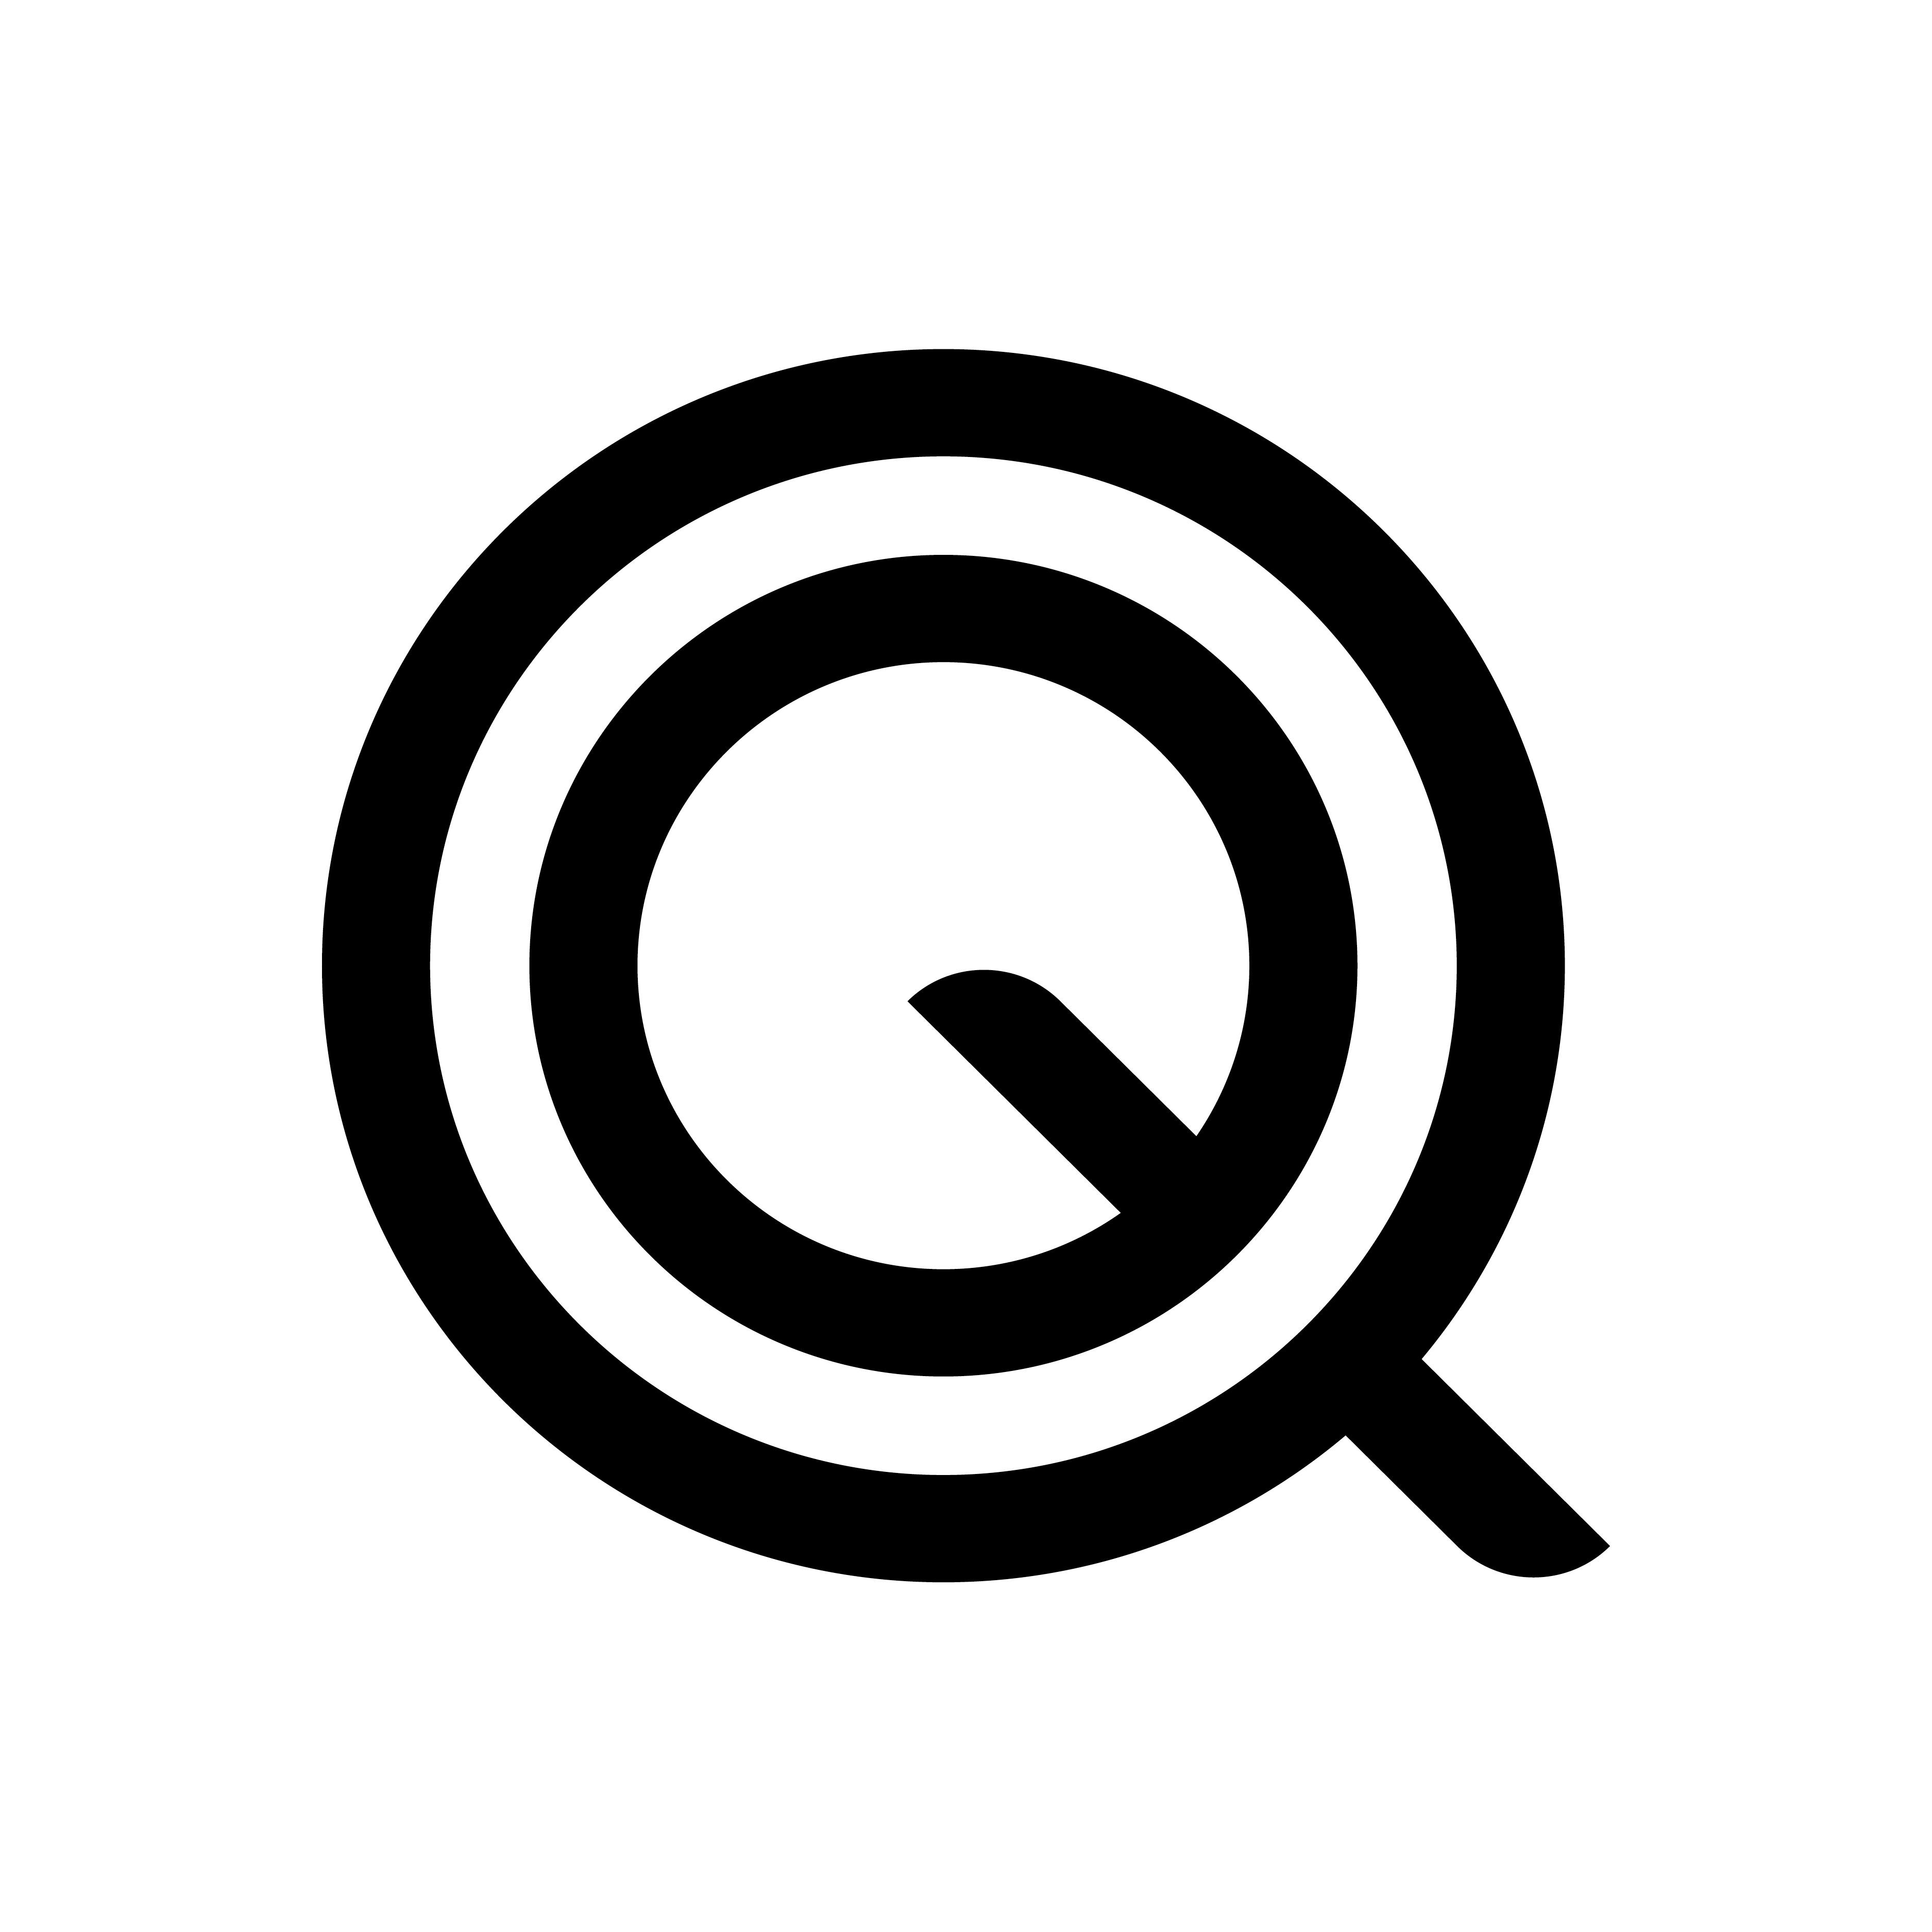 Peopledesign-amwayqueen01